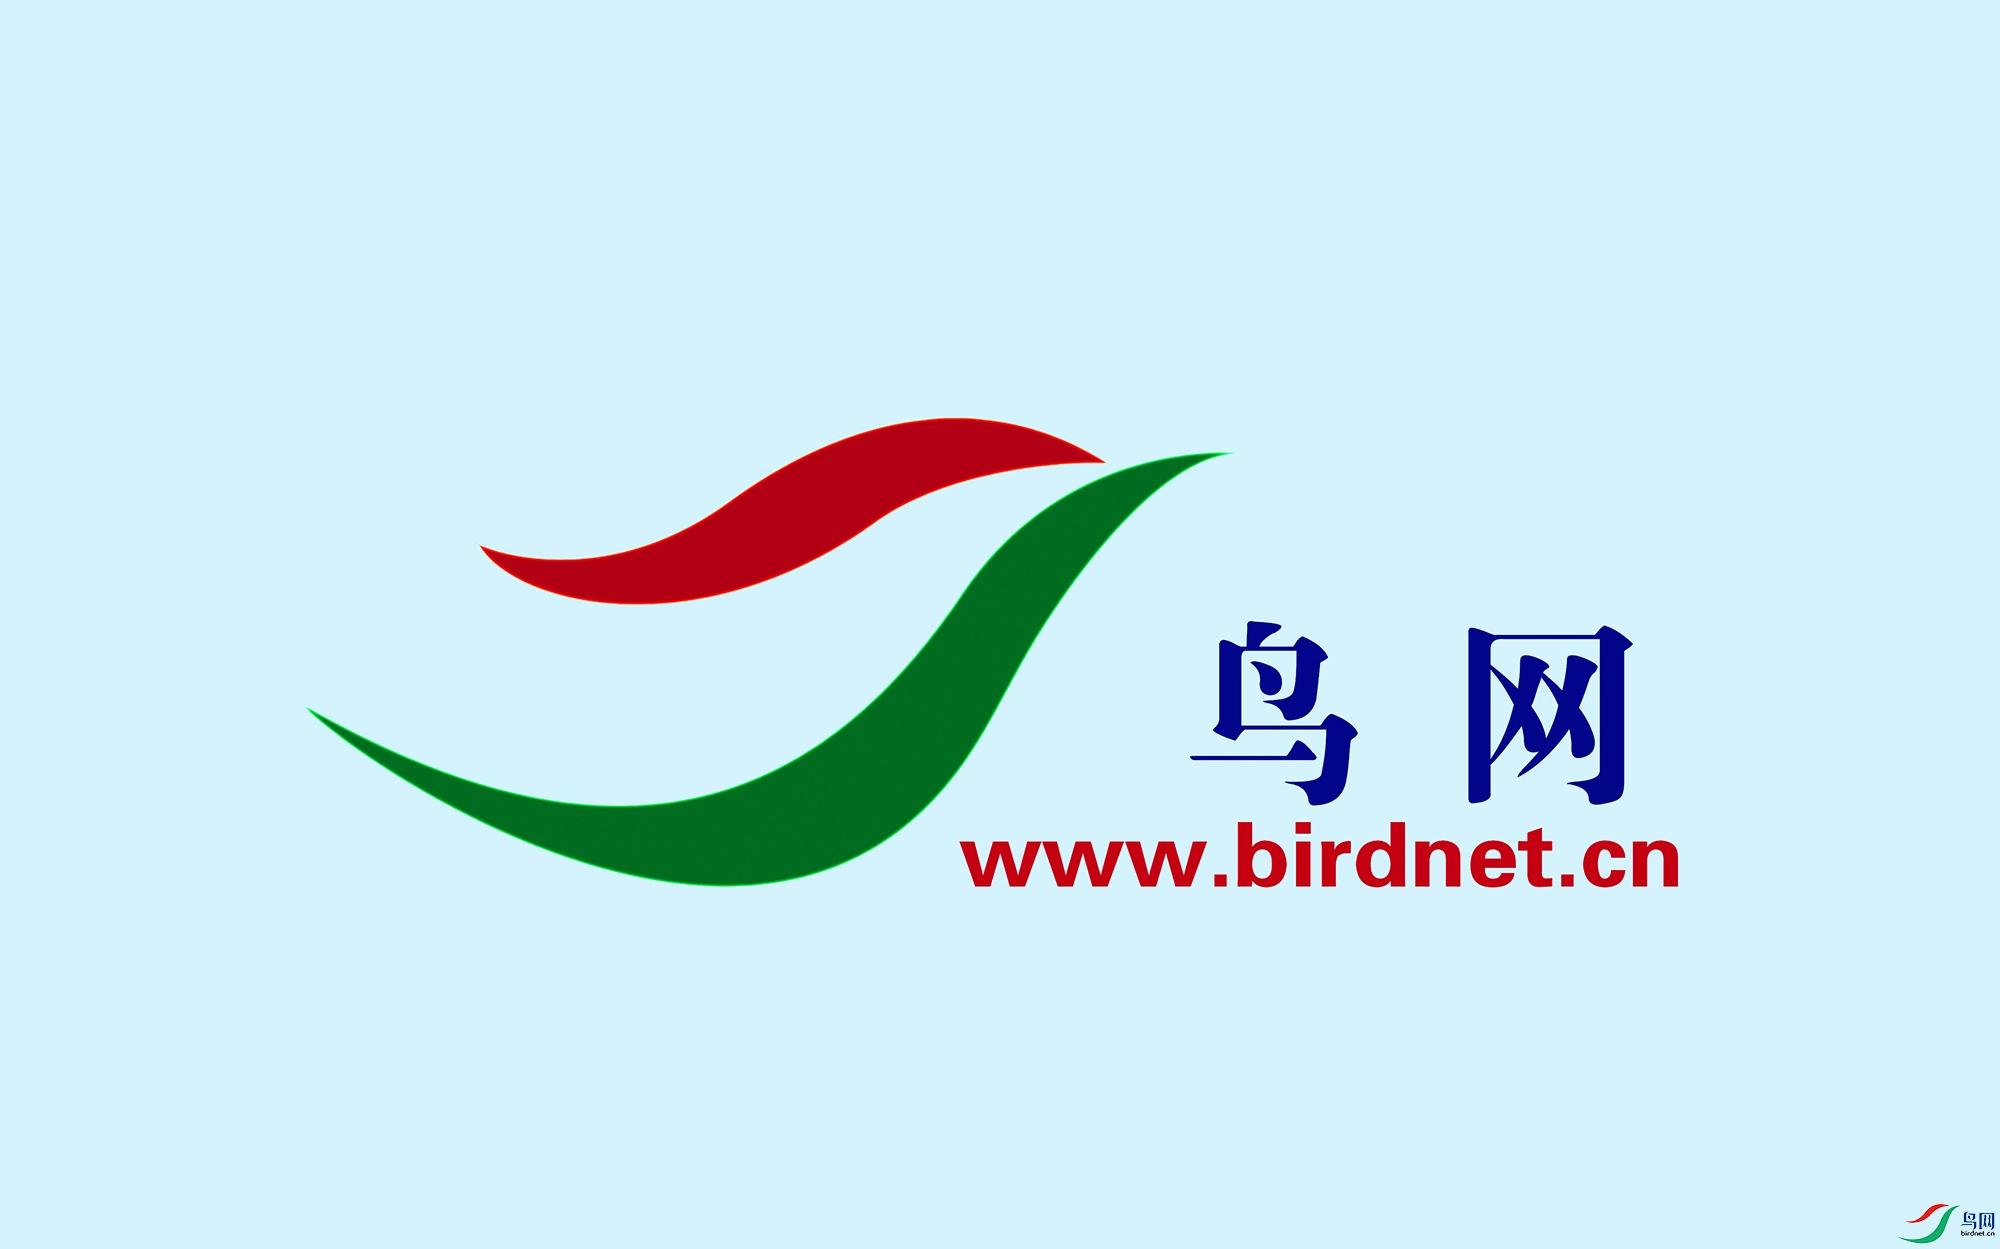 鸟网LOGO-发稿用.jpg